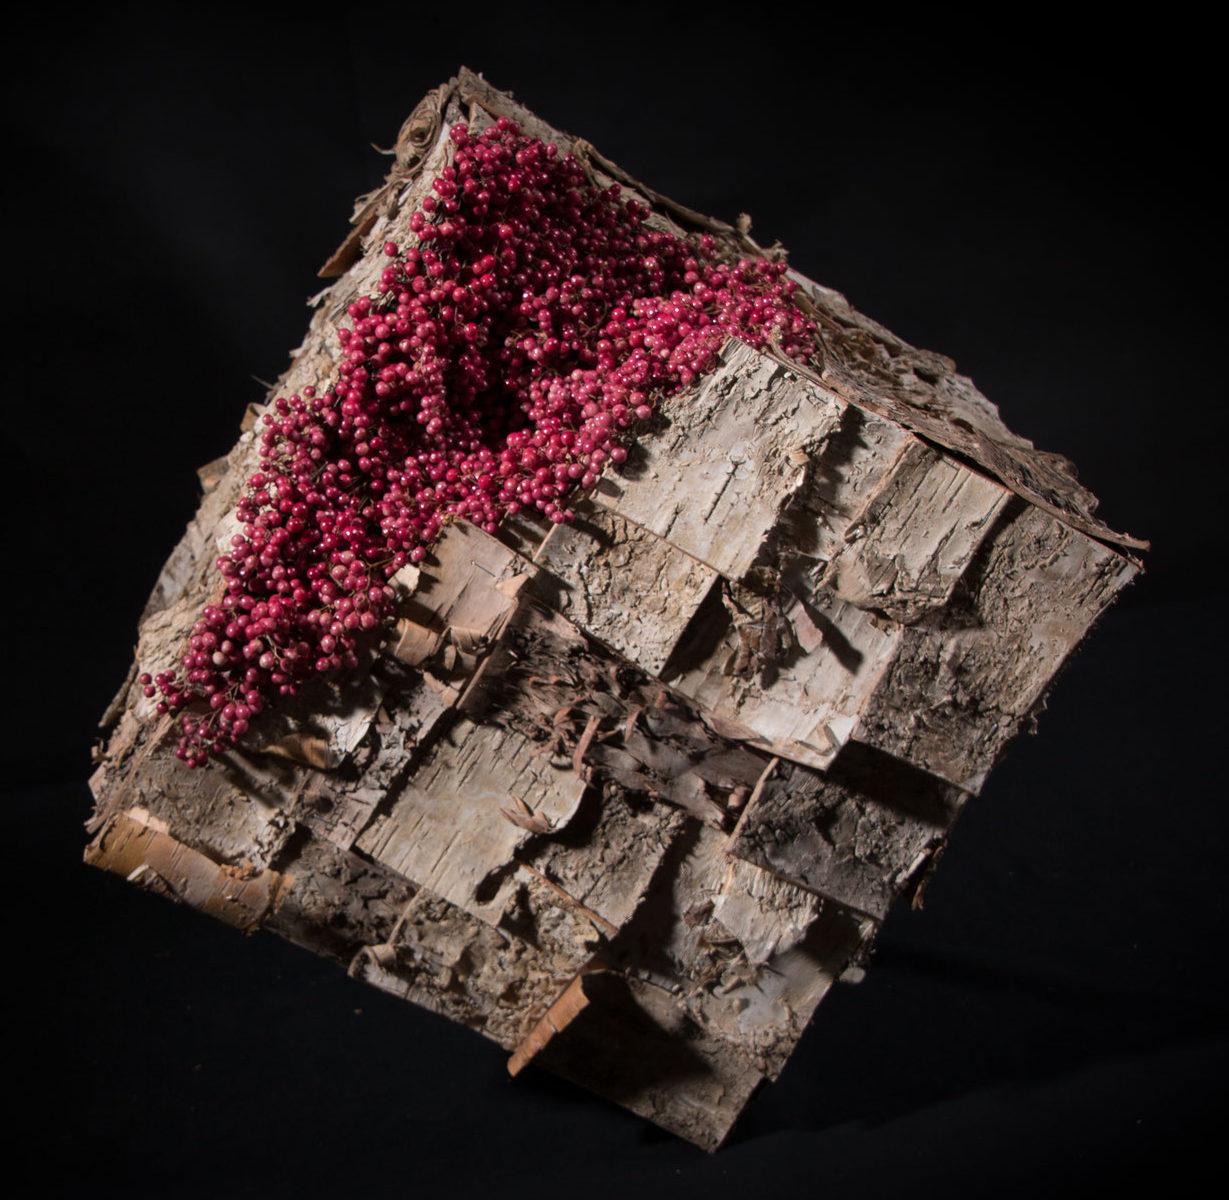 Sculpture en support bois, écorces de bouleauet baies poivrier secs